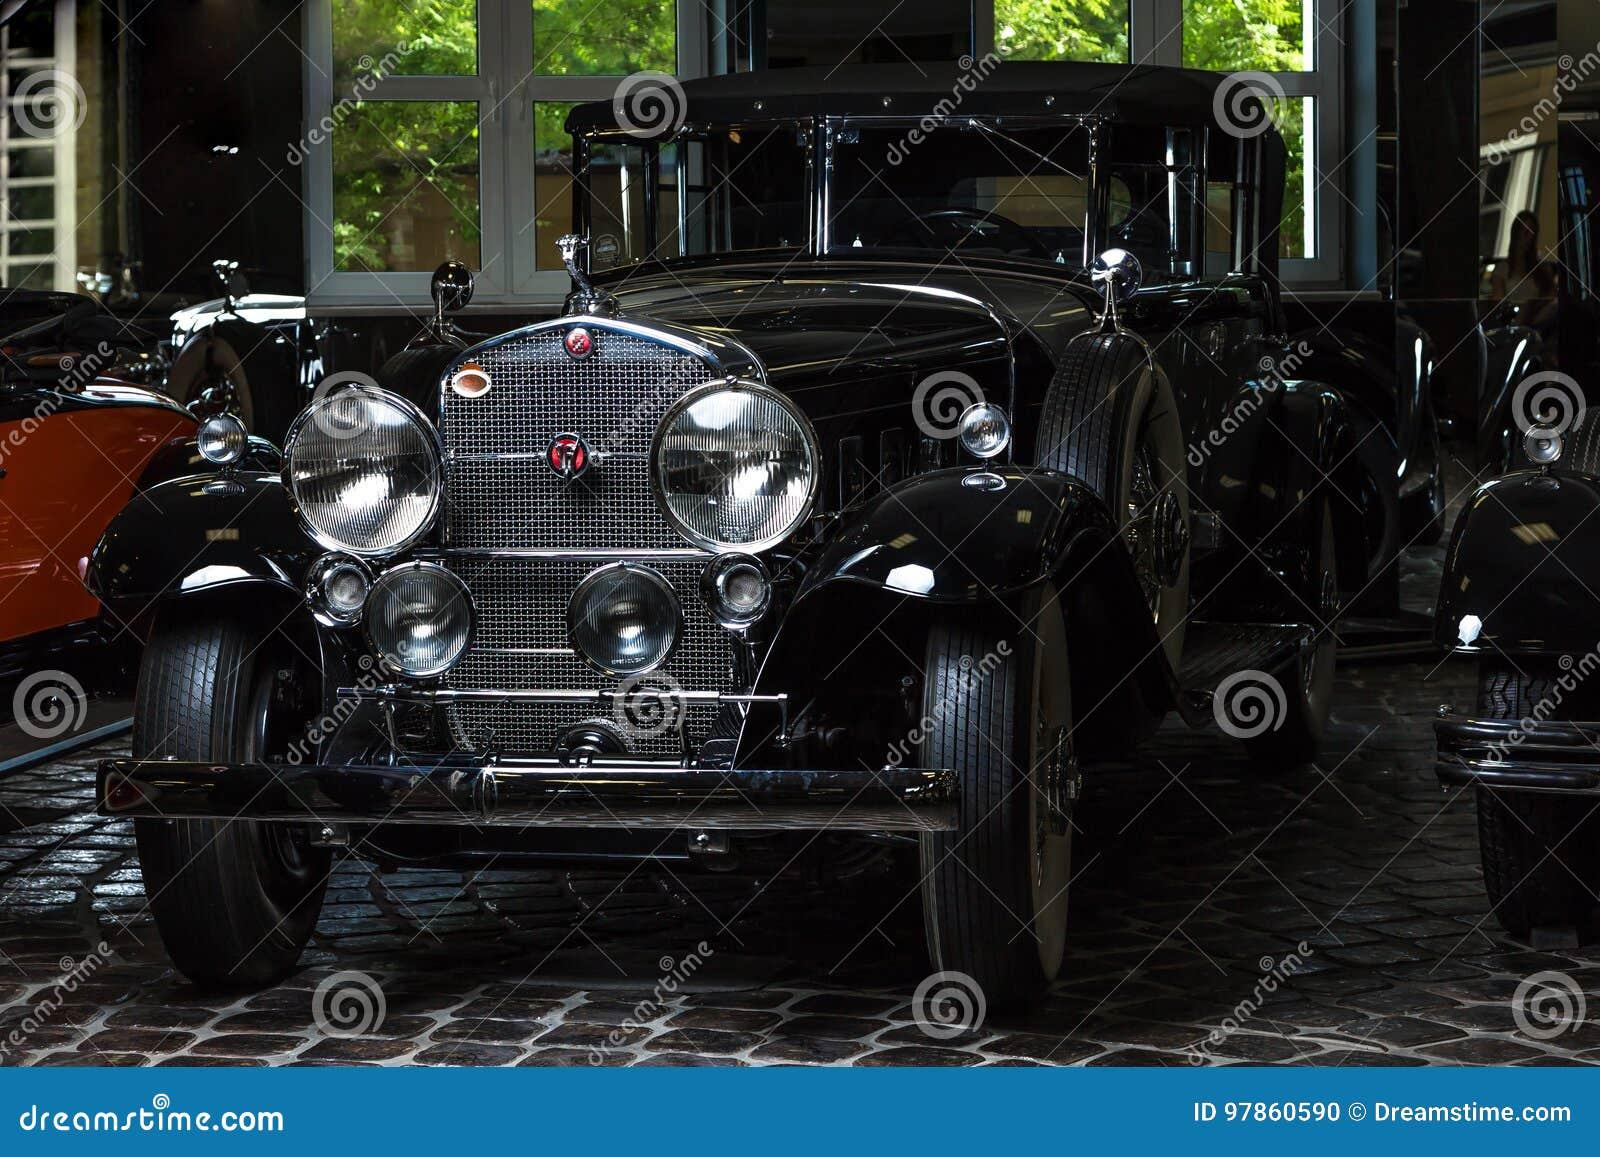 Предпосылка темноты лимузина Cabrio автомобиля Adler Трумпфа автомобиля Кадиллака V-16 винтажная ретро младшая коричневая роскошн